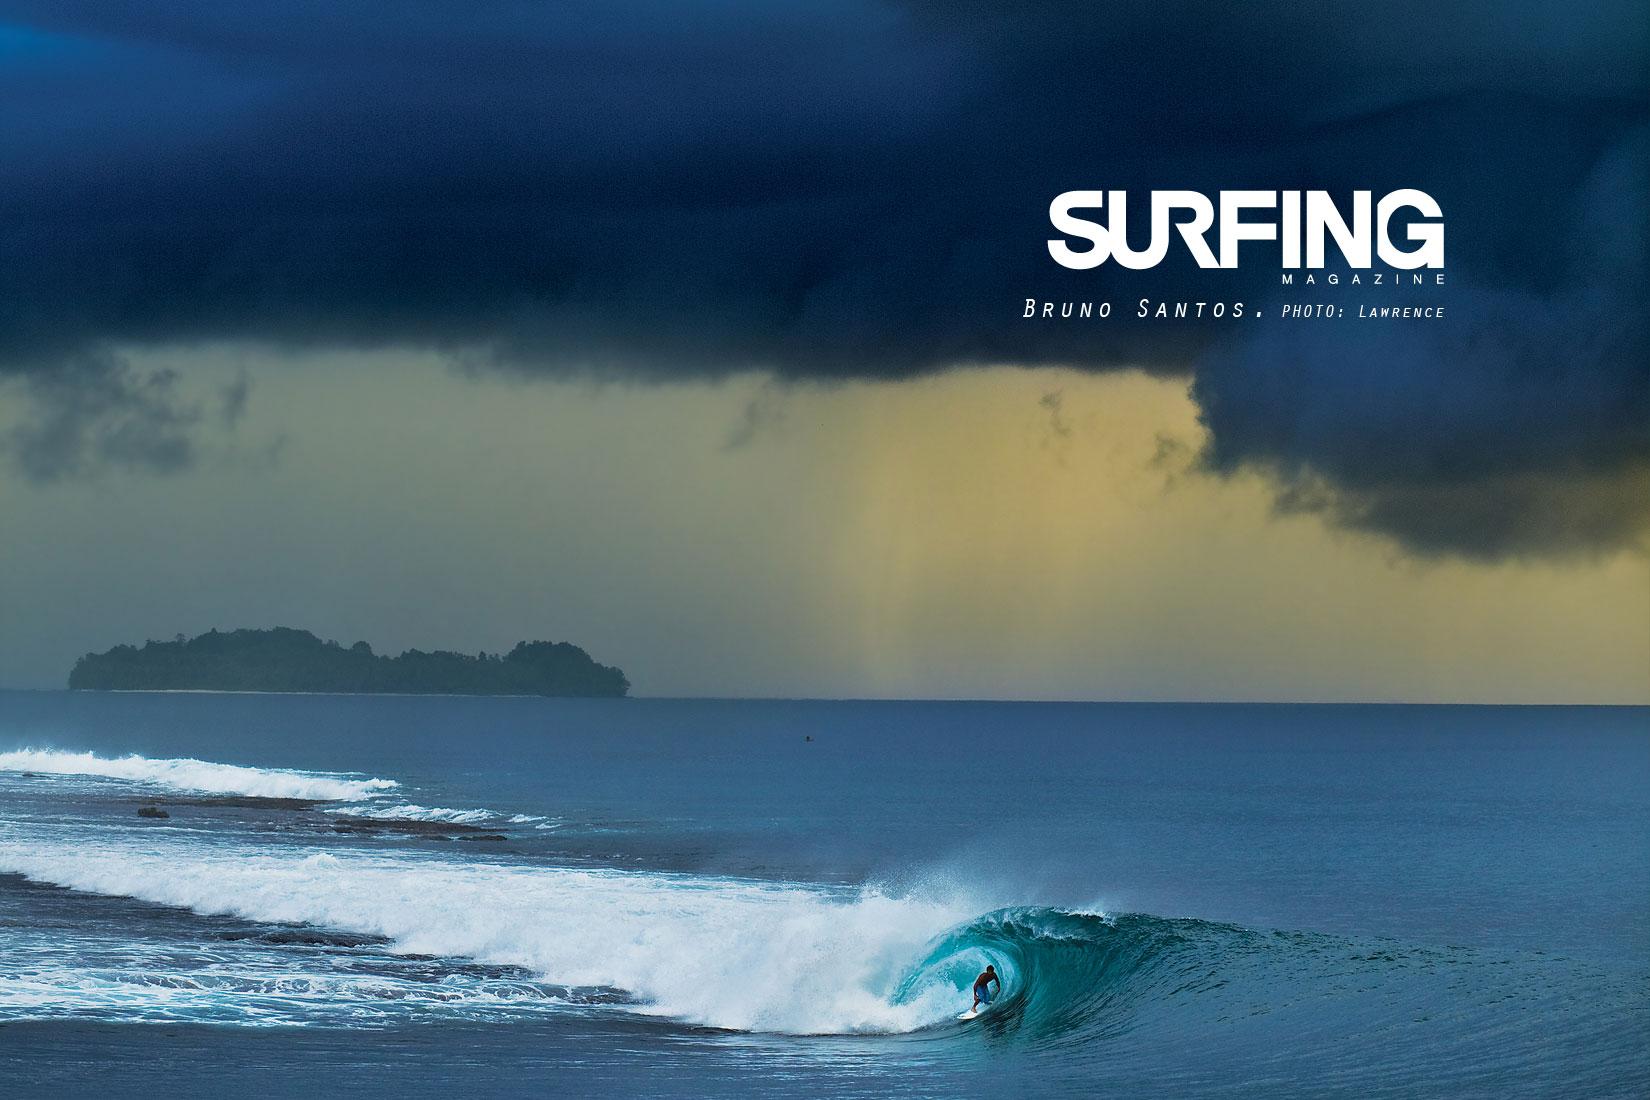 surfing surf wallpaper bruno santos lawrence 610x406 Surfing Magazine 1650x1100